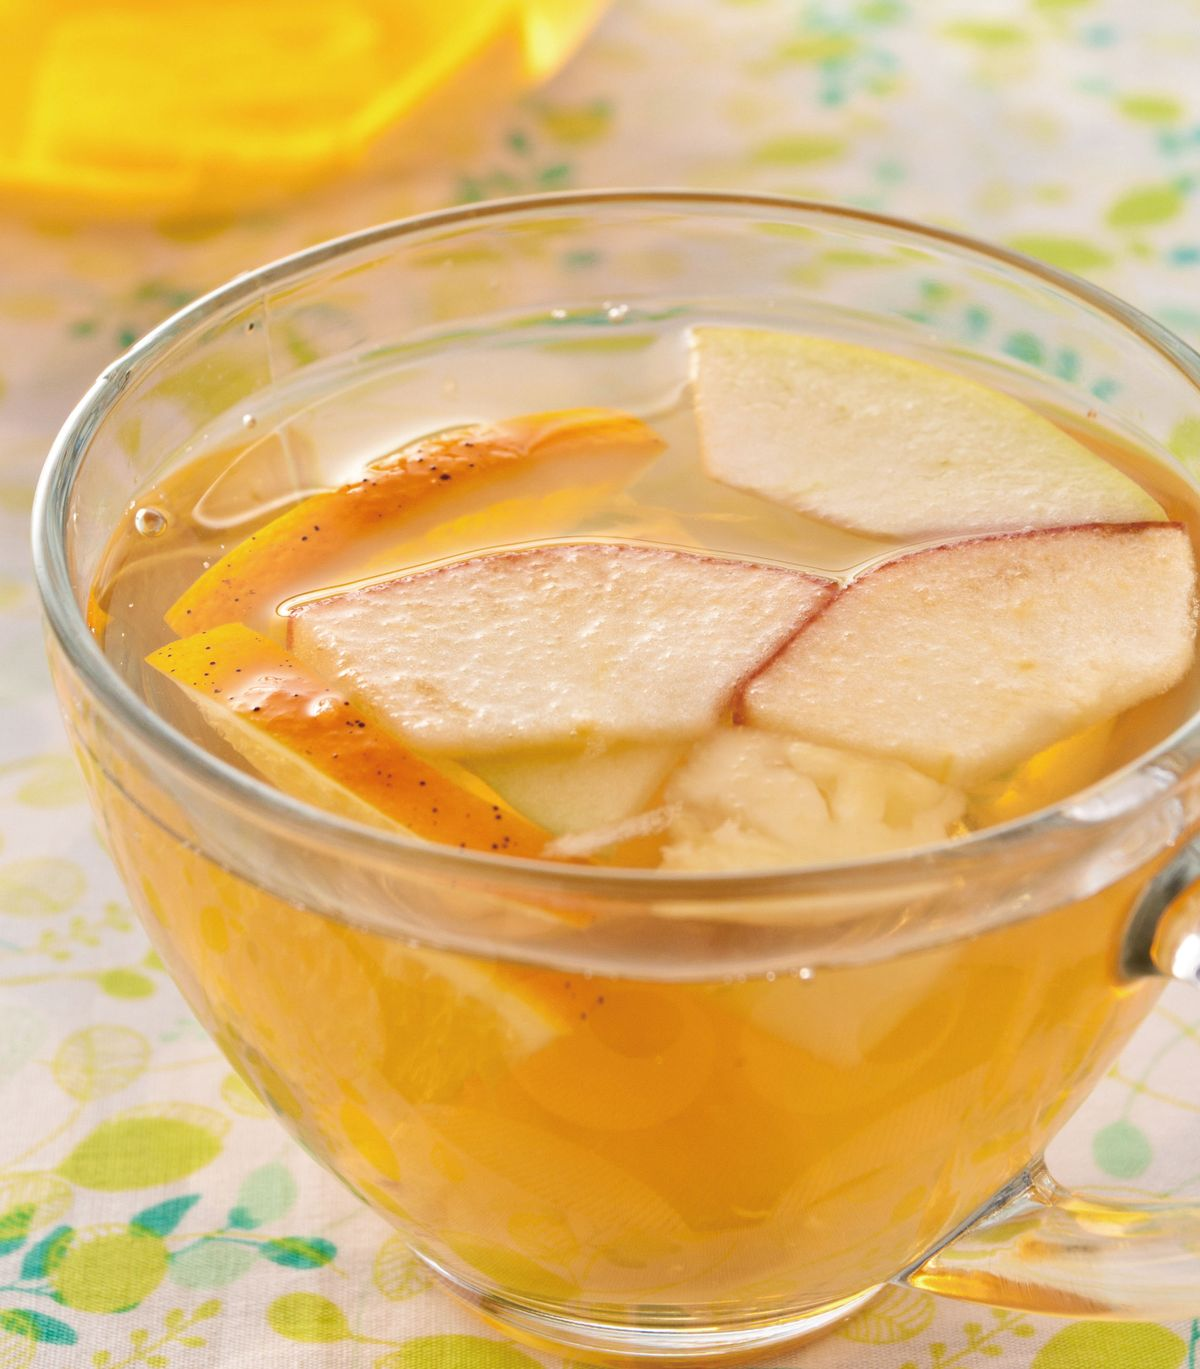 食譜:鮮果醋茶